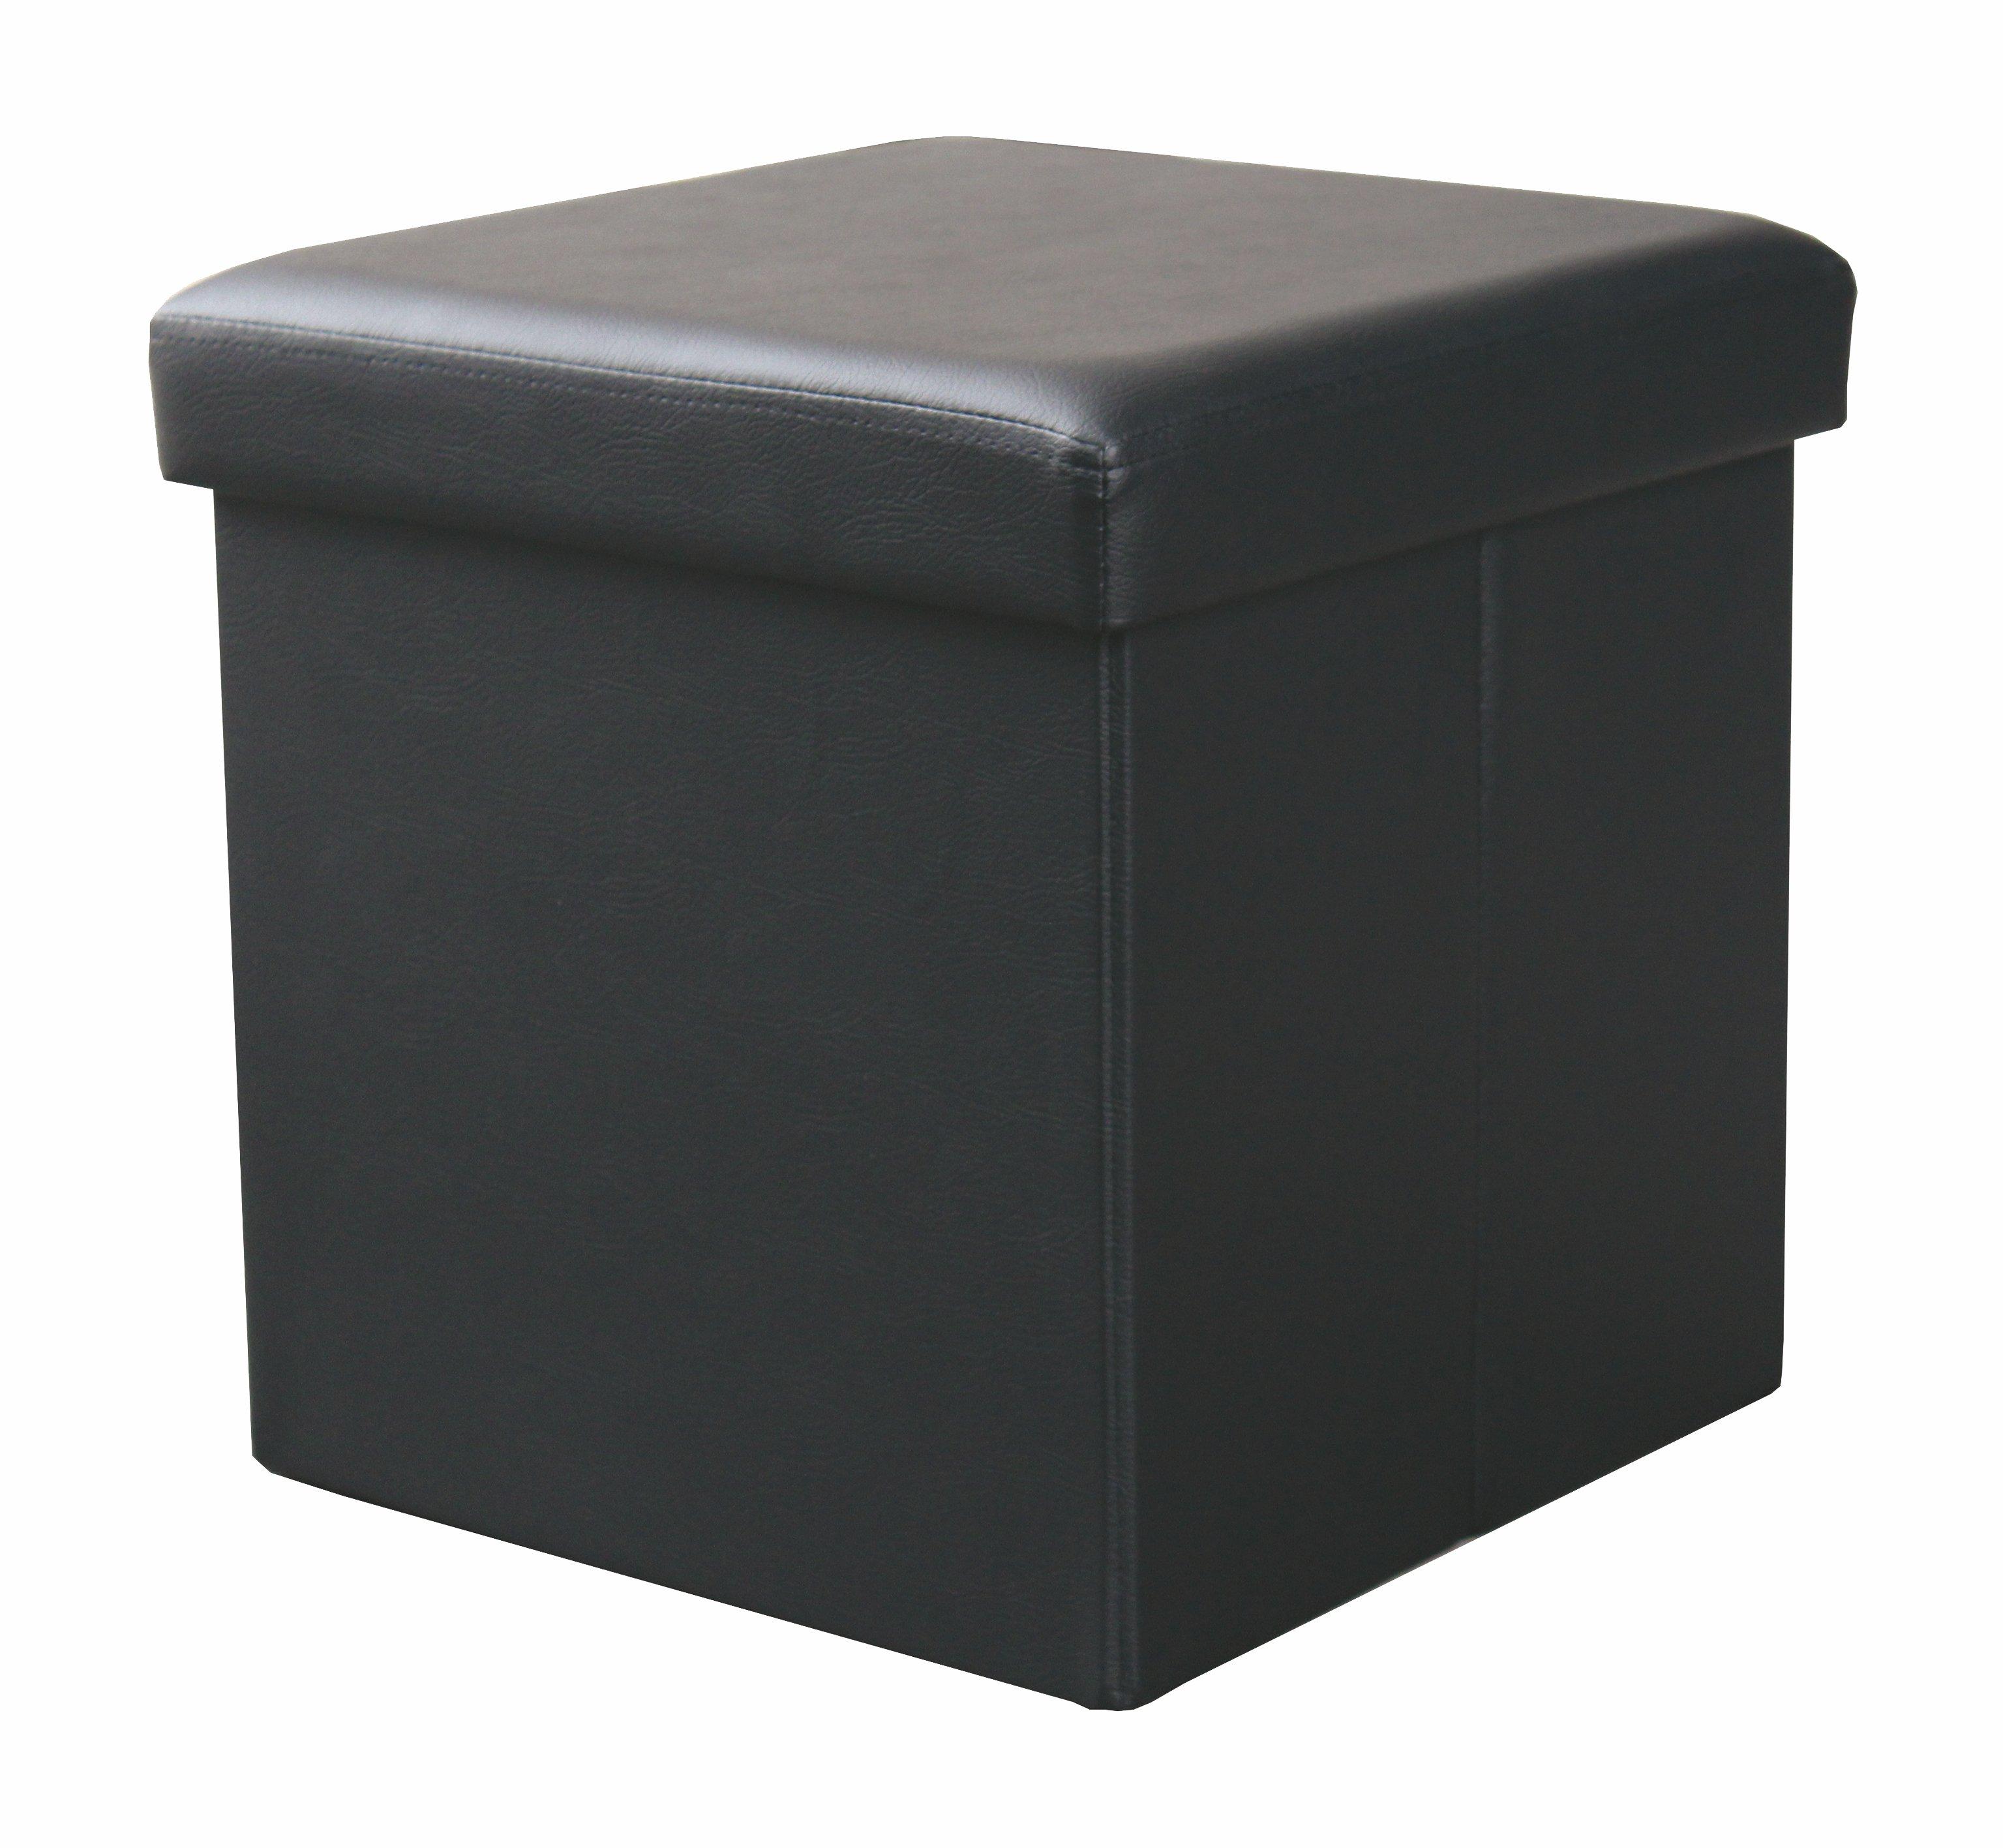 Taburet cu spatiu de depozitare Moly Black l38xA38xH38 cm